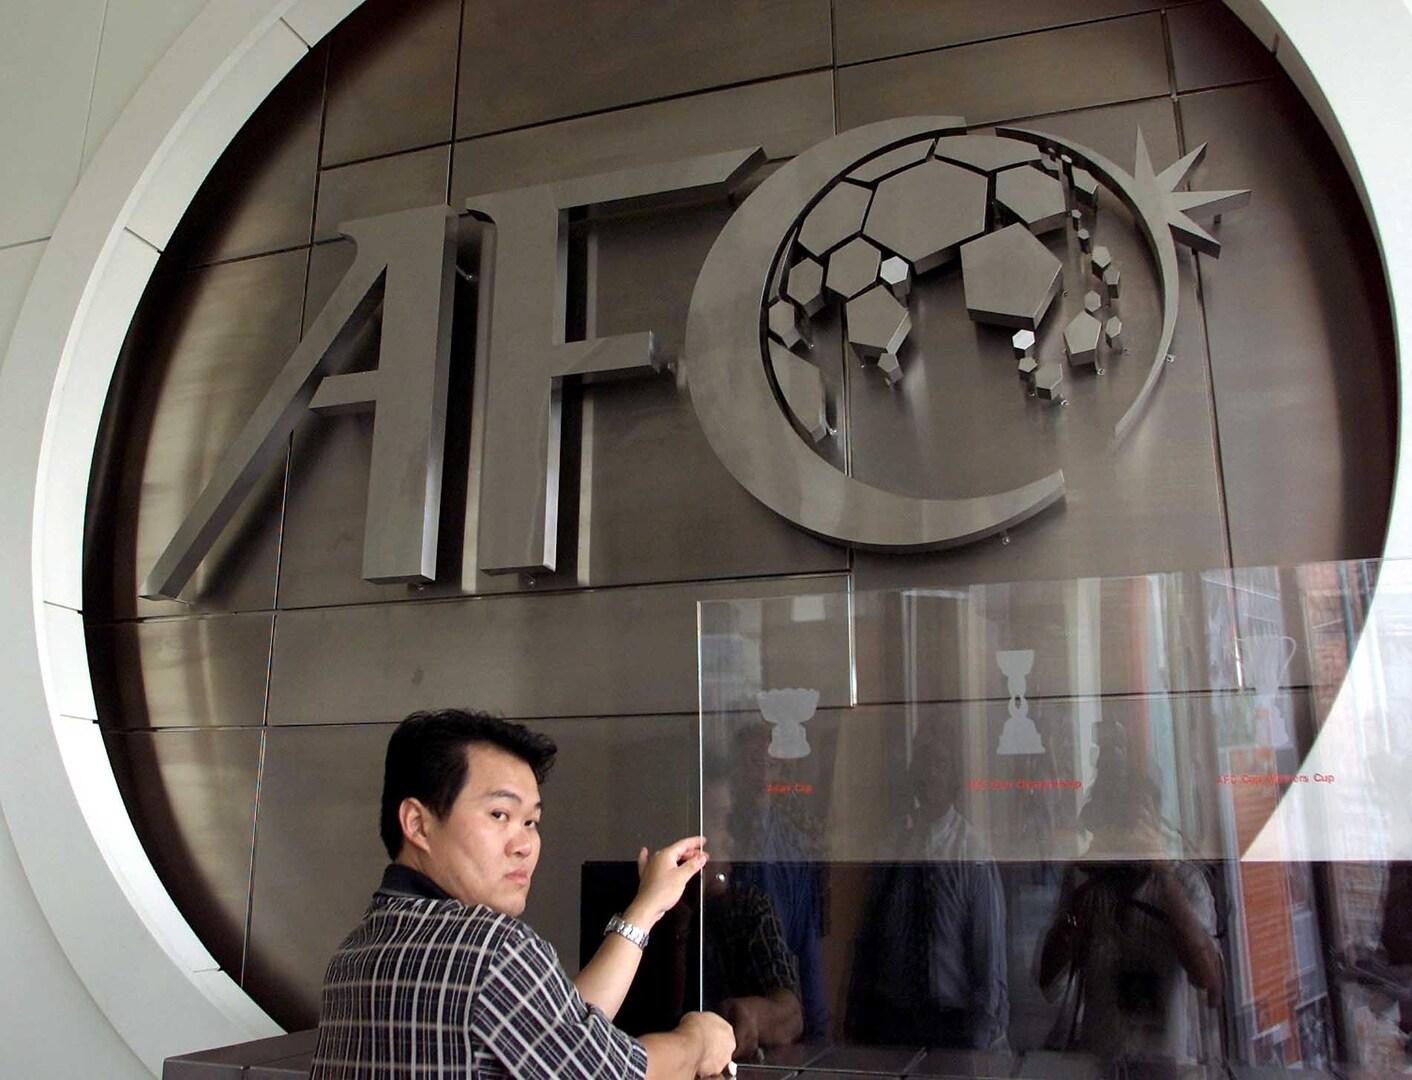 الإعلان عن أسماء الدول المستضيفة لمباريات التصفيات الآسيوية لكأس العام 2022